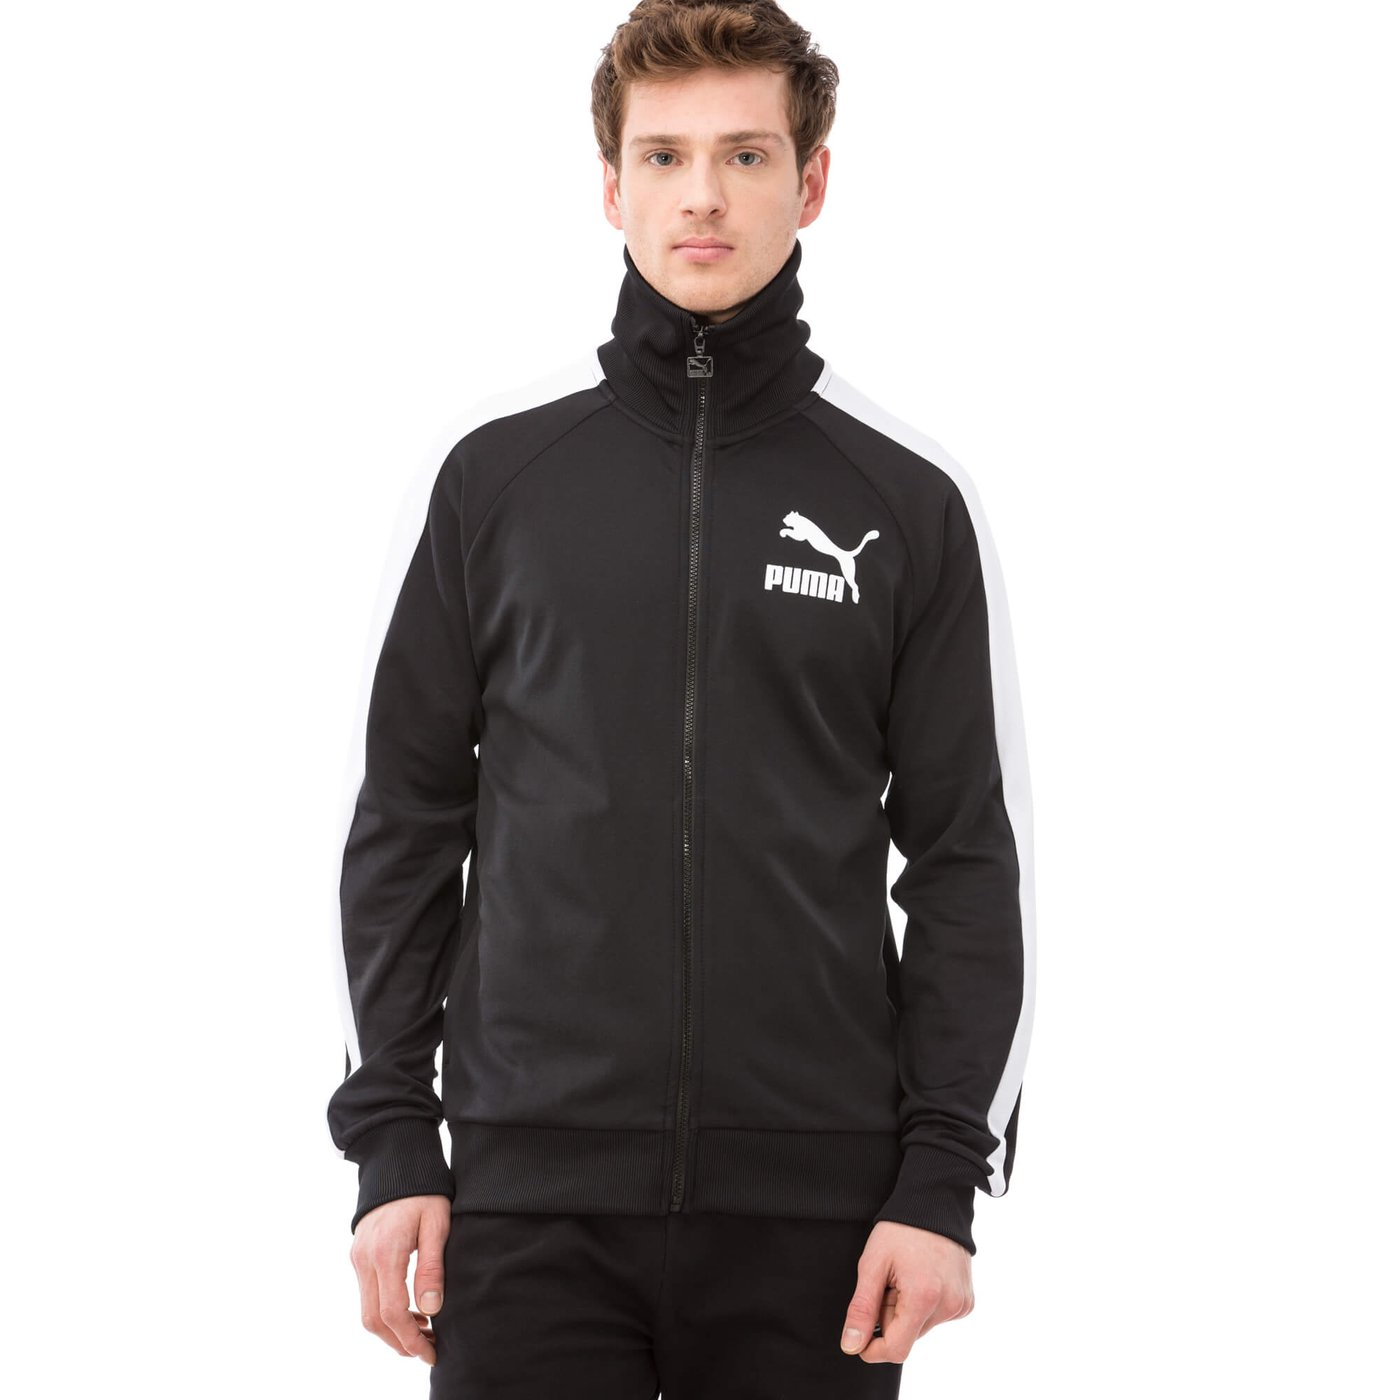 Puma Erkek Siyah Sweatshirt